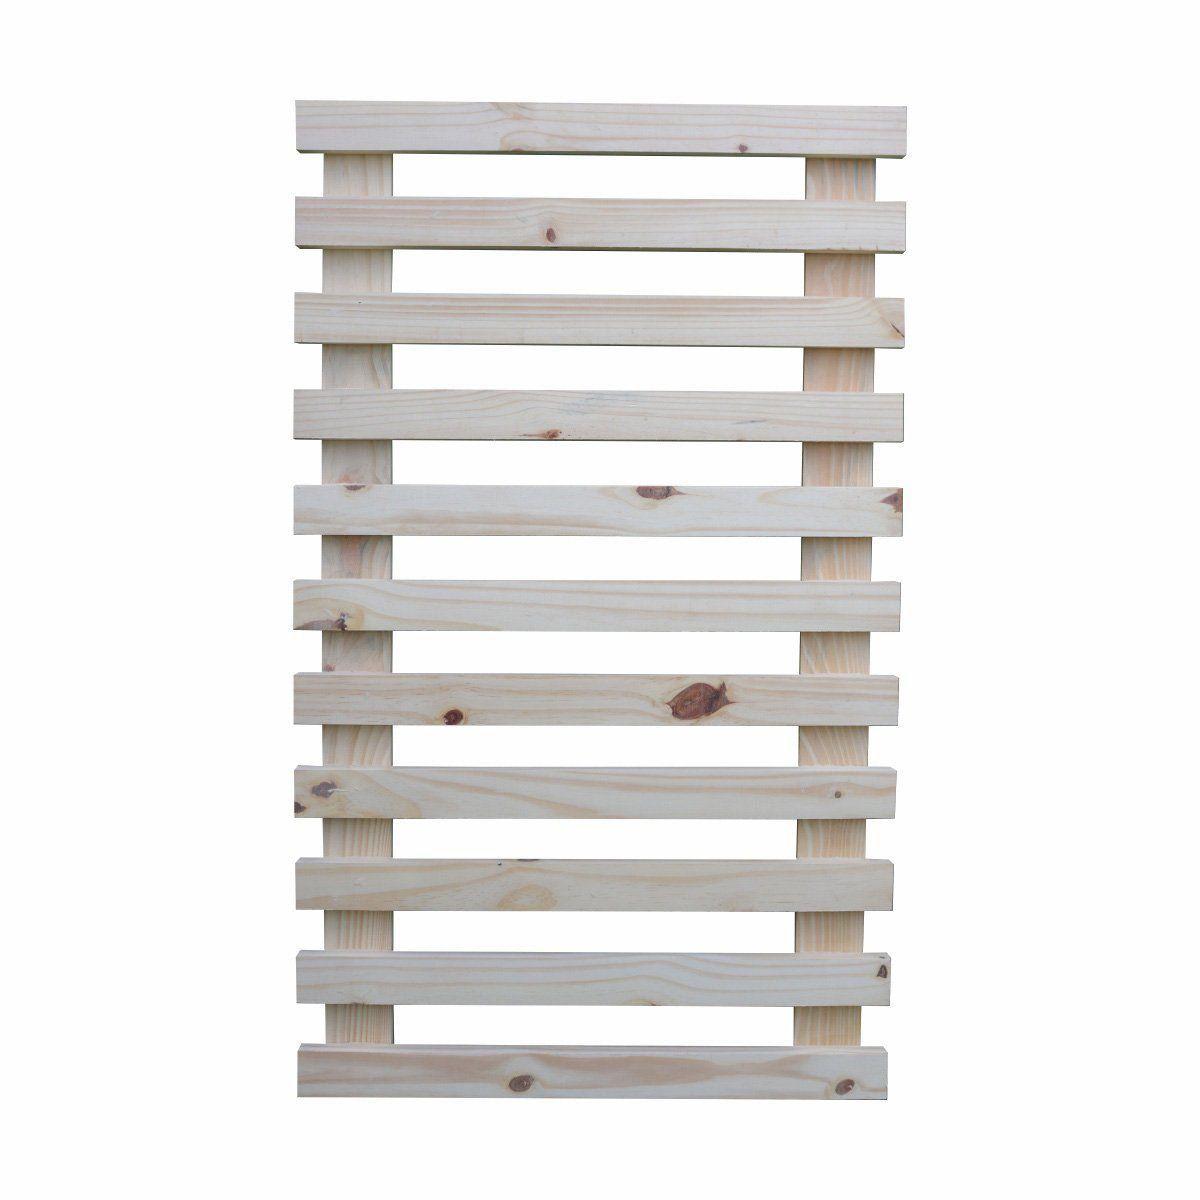 Treliça de madeira 100cm x 60cm para jardim vertical sem cantos arredondados